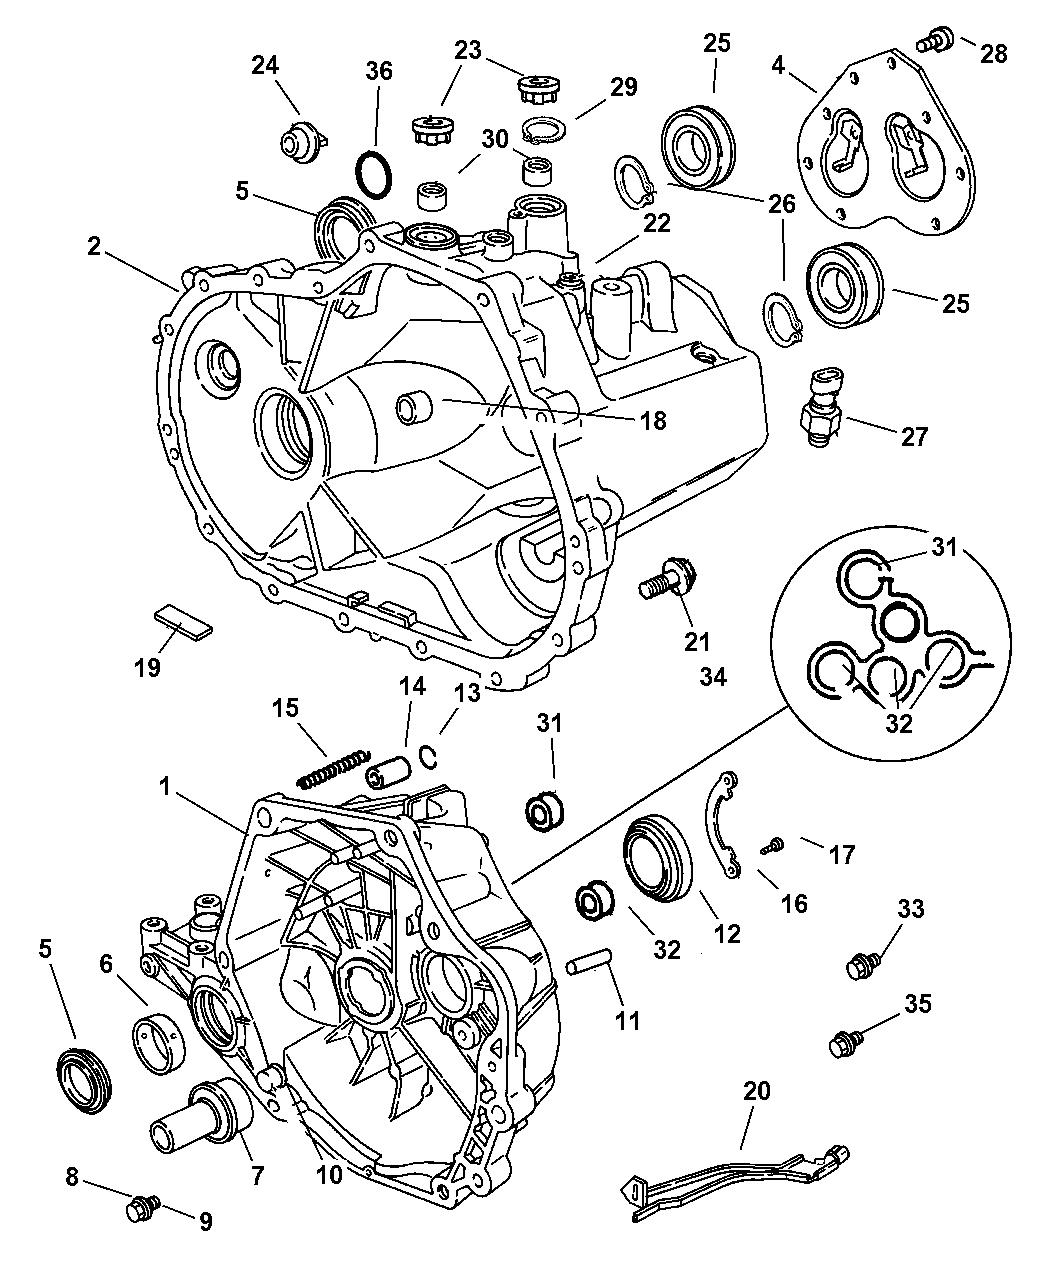 [WRG-8282] Pt Cruiser 2 4l Engine Parts Diagram